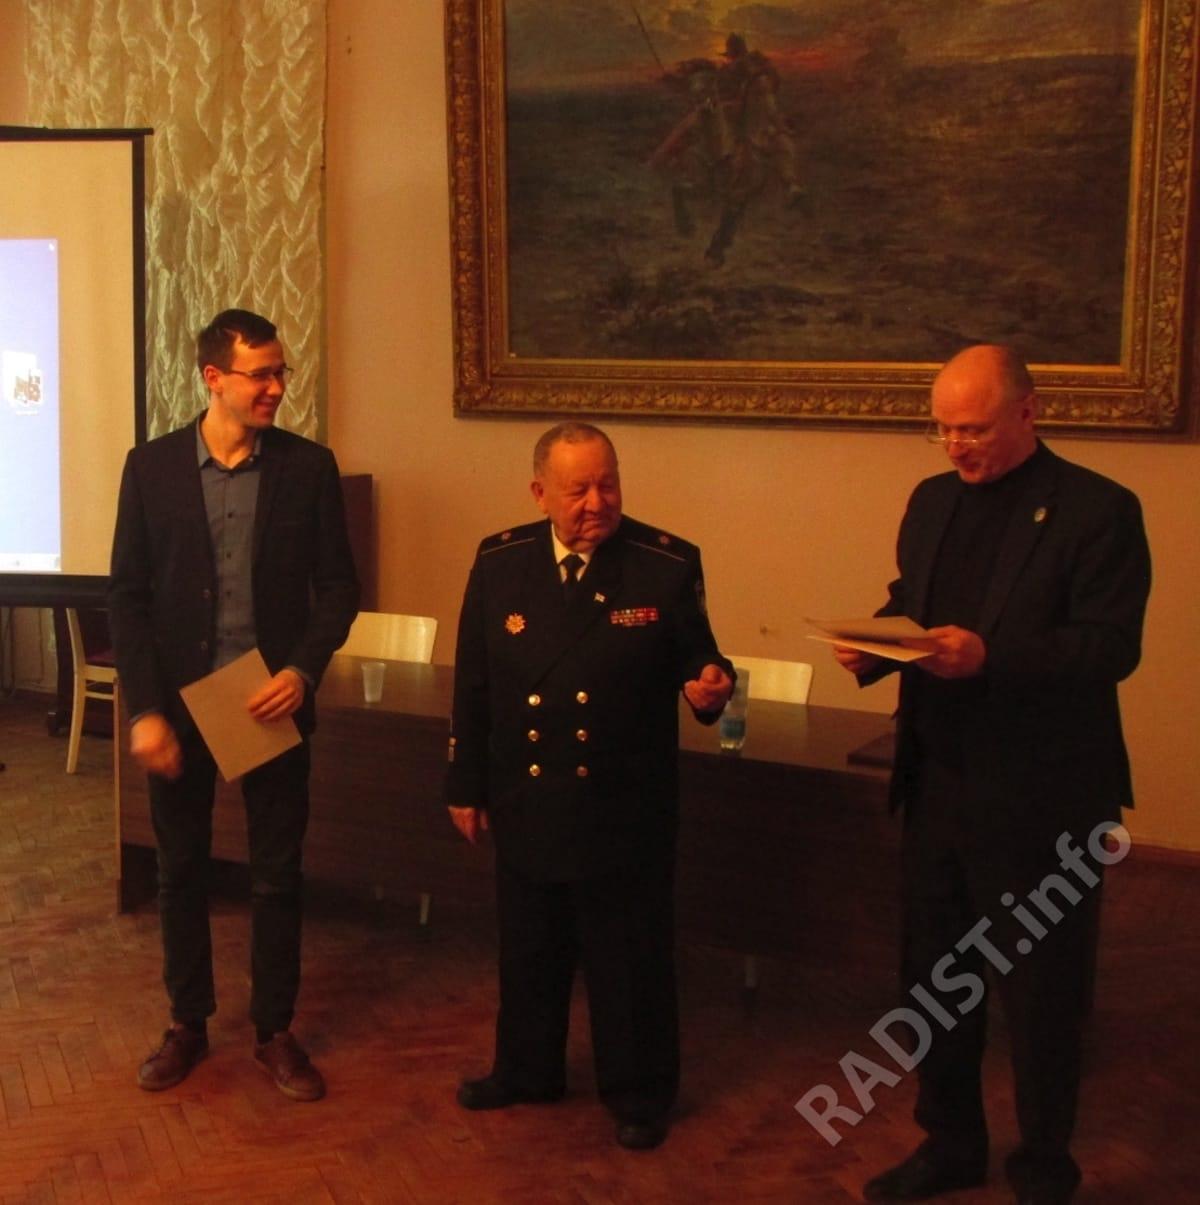 Члены Президиума - А.П. Тарапон и А.В. Спешилов вручают диплом одному из докладчиков научных юбилейных чтений